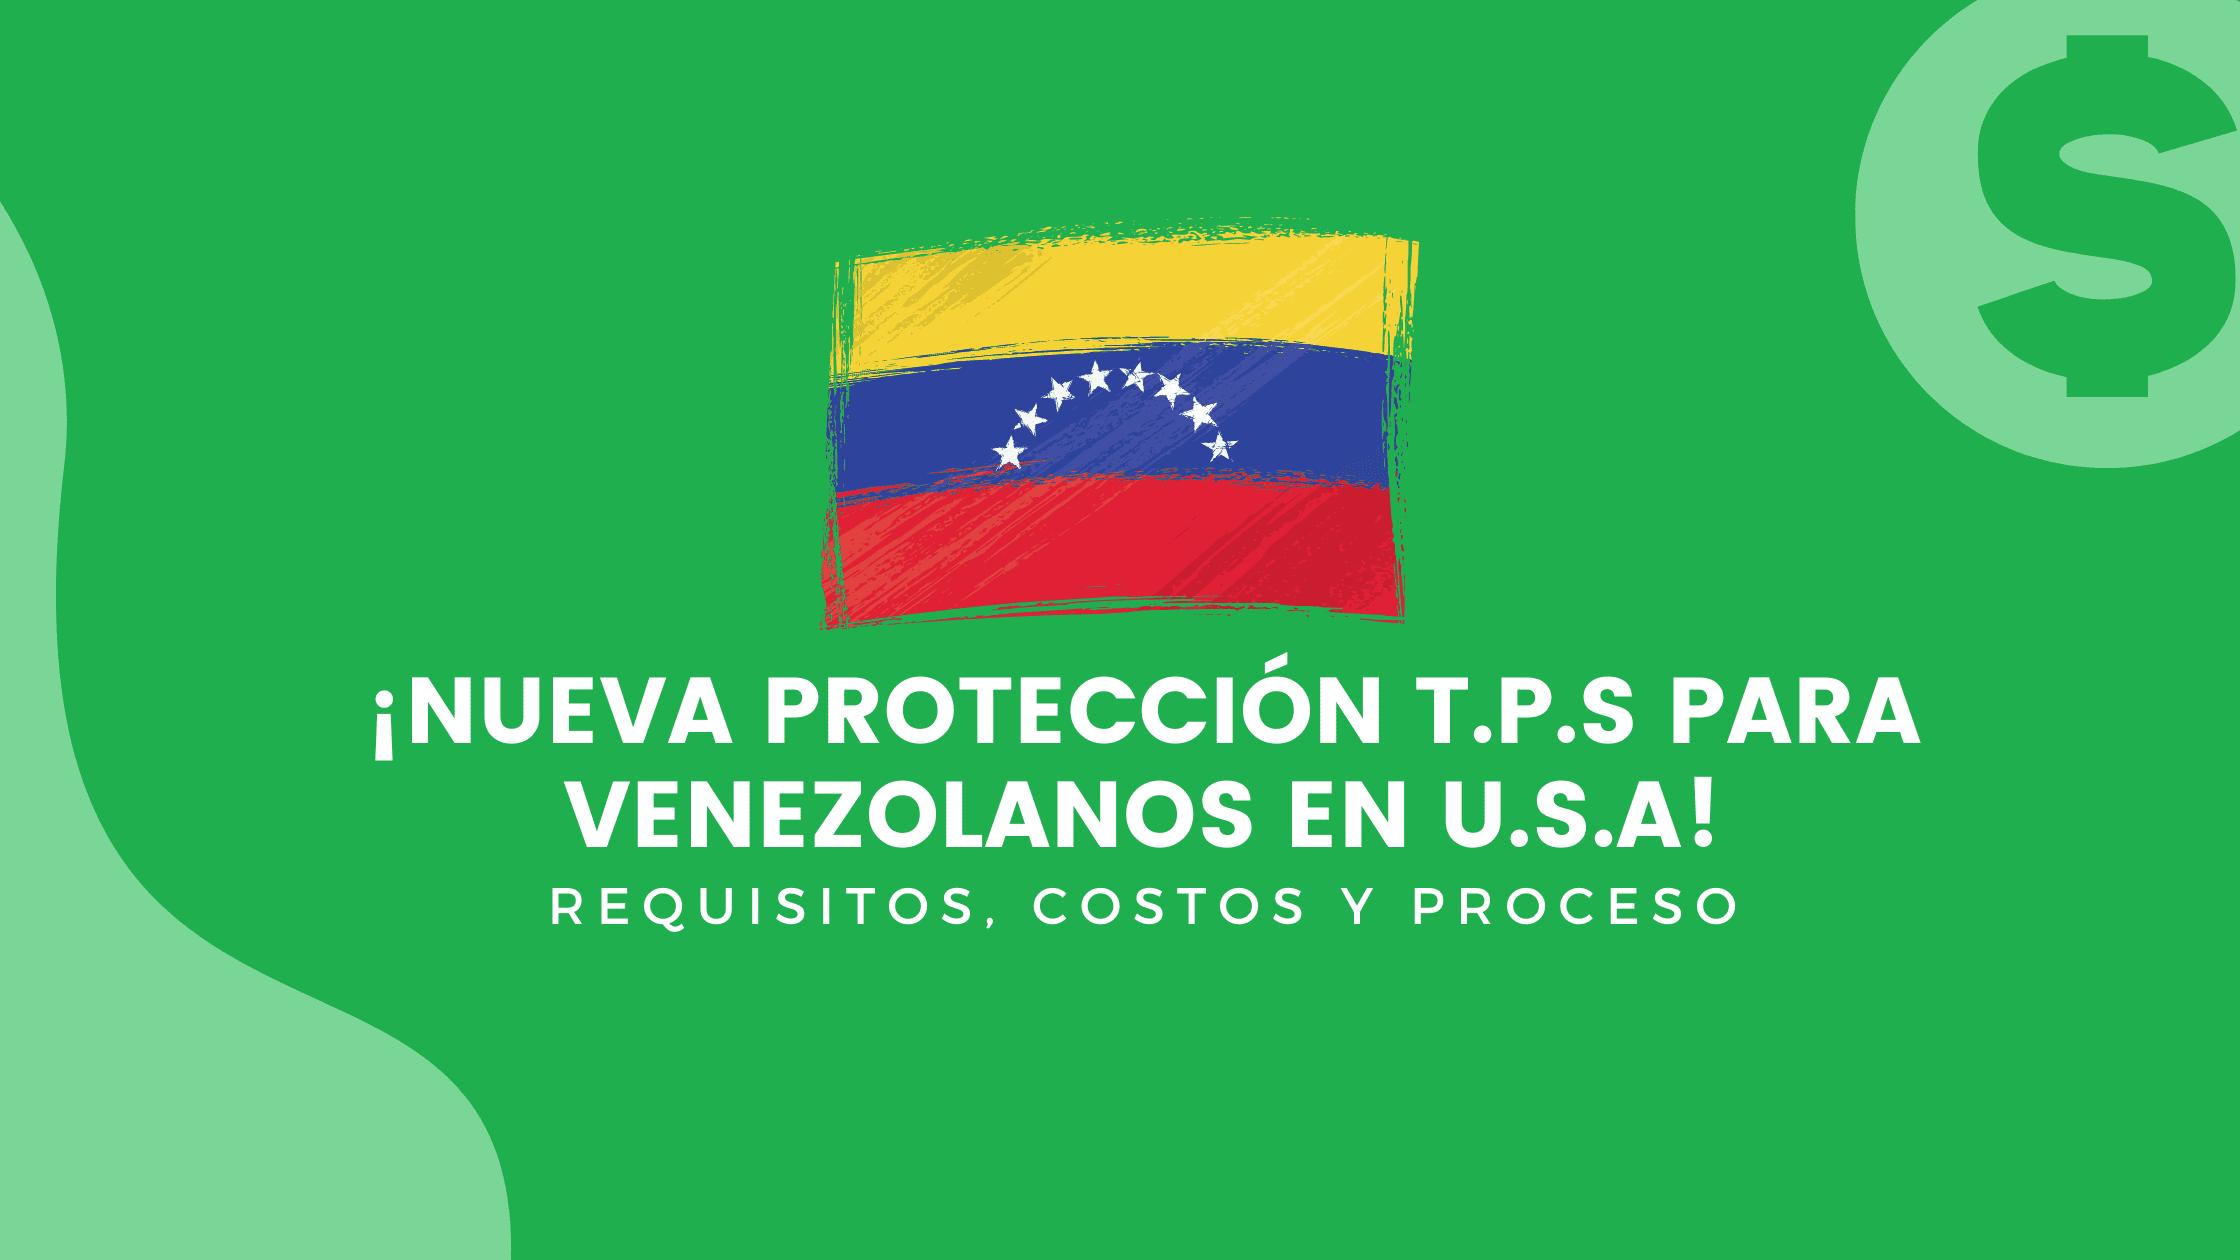 Protección TPS para venezolanos en USA